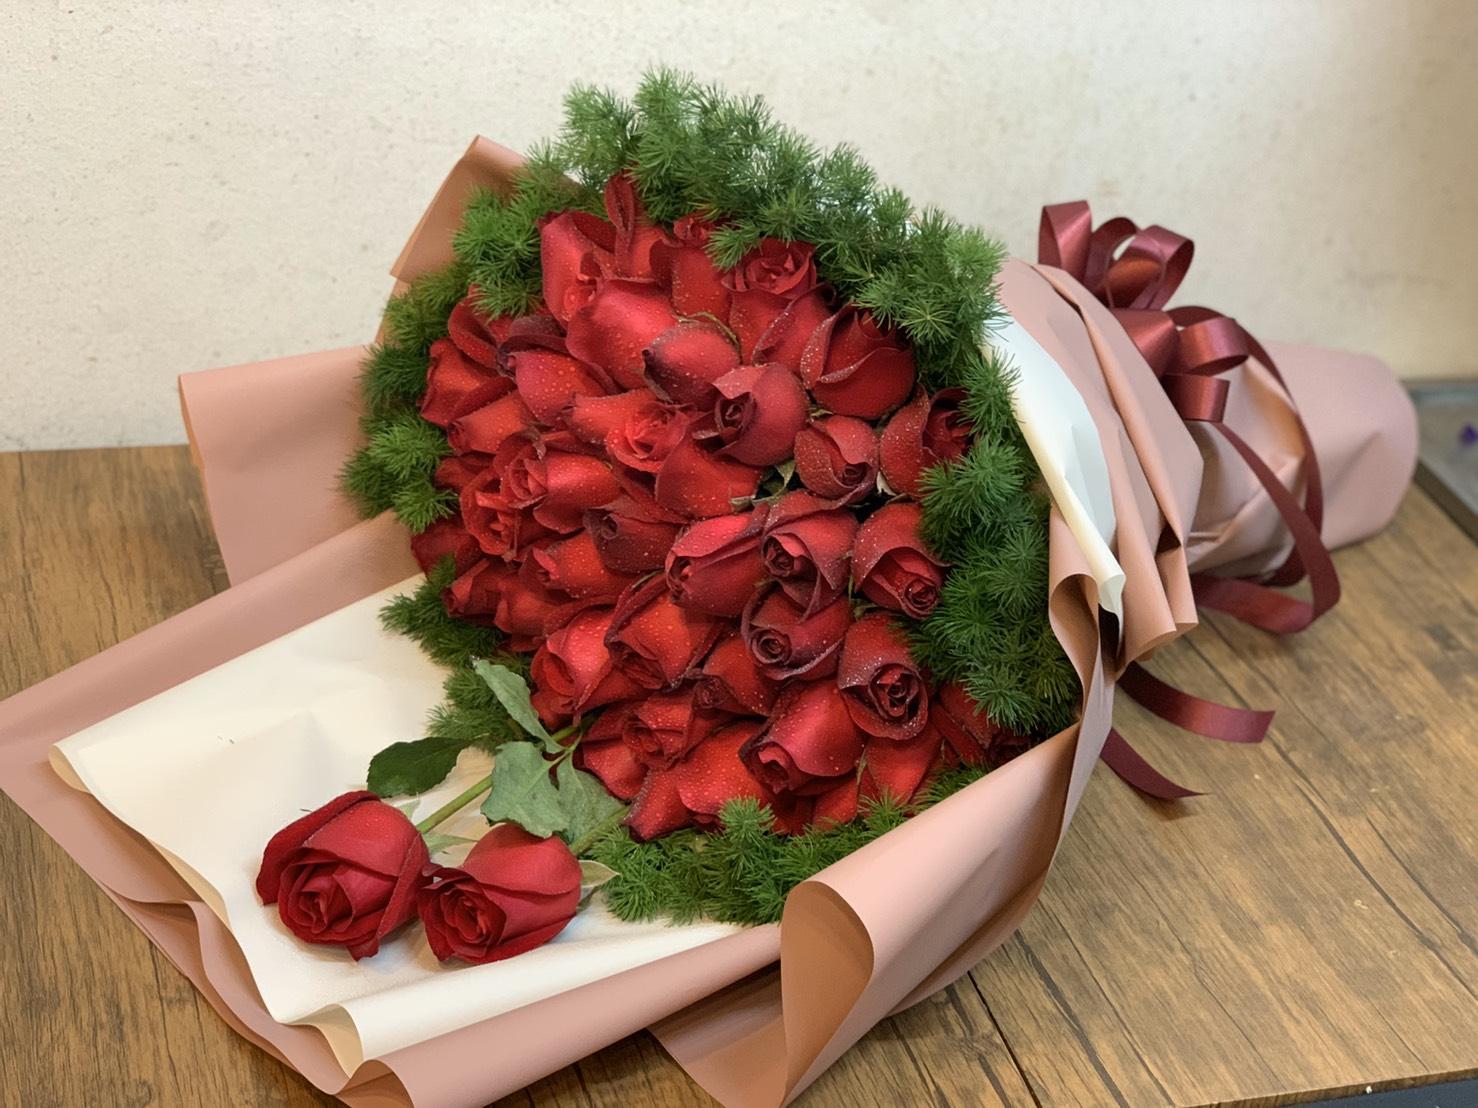 ช่อดอกกุหลาบแดงไซส์ใหญ่จุใจ ดีไซน์อย่างพิถีพิถันจนสวยและทันสมัย